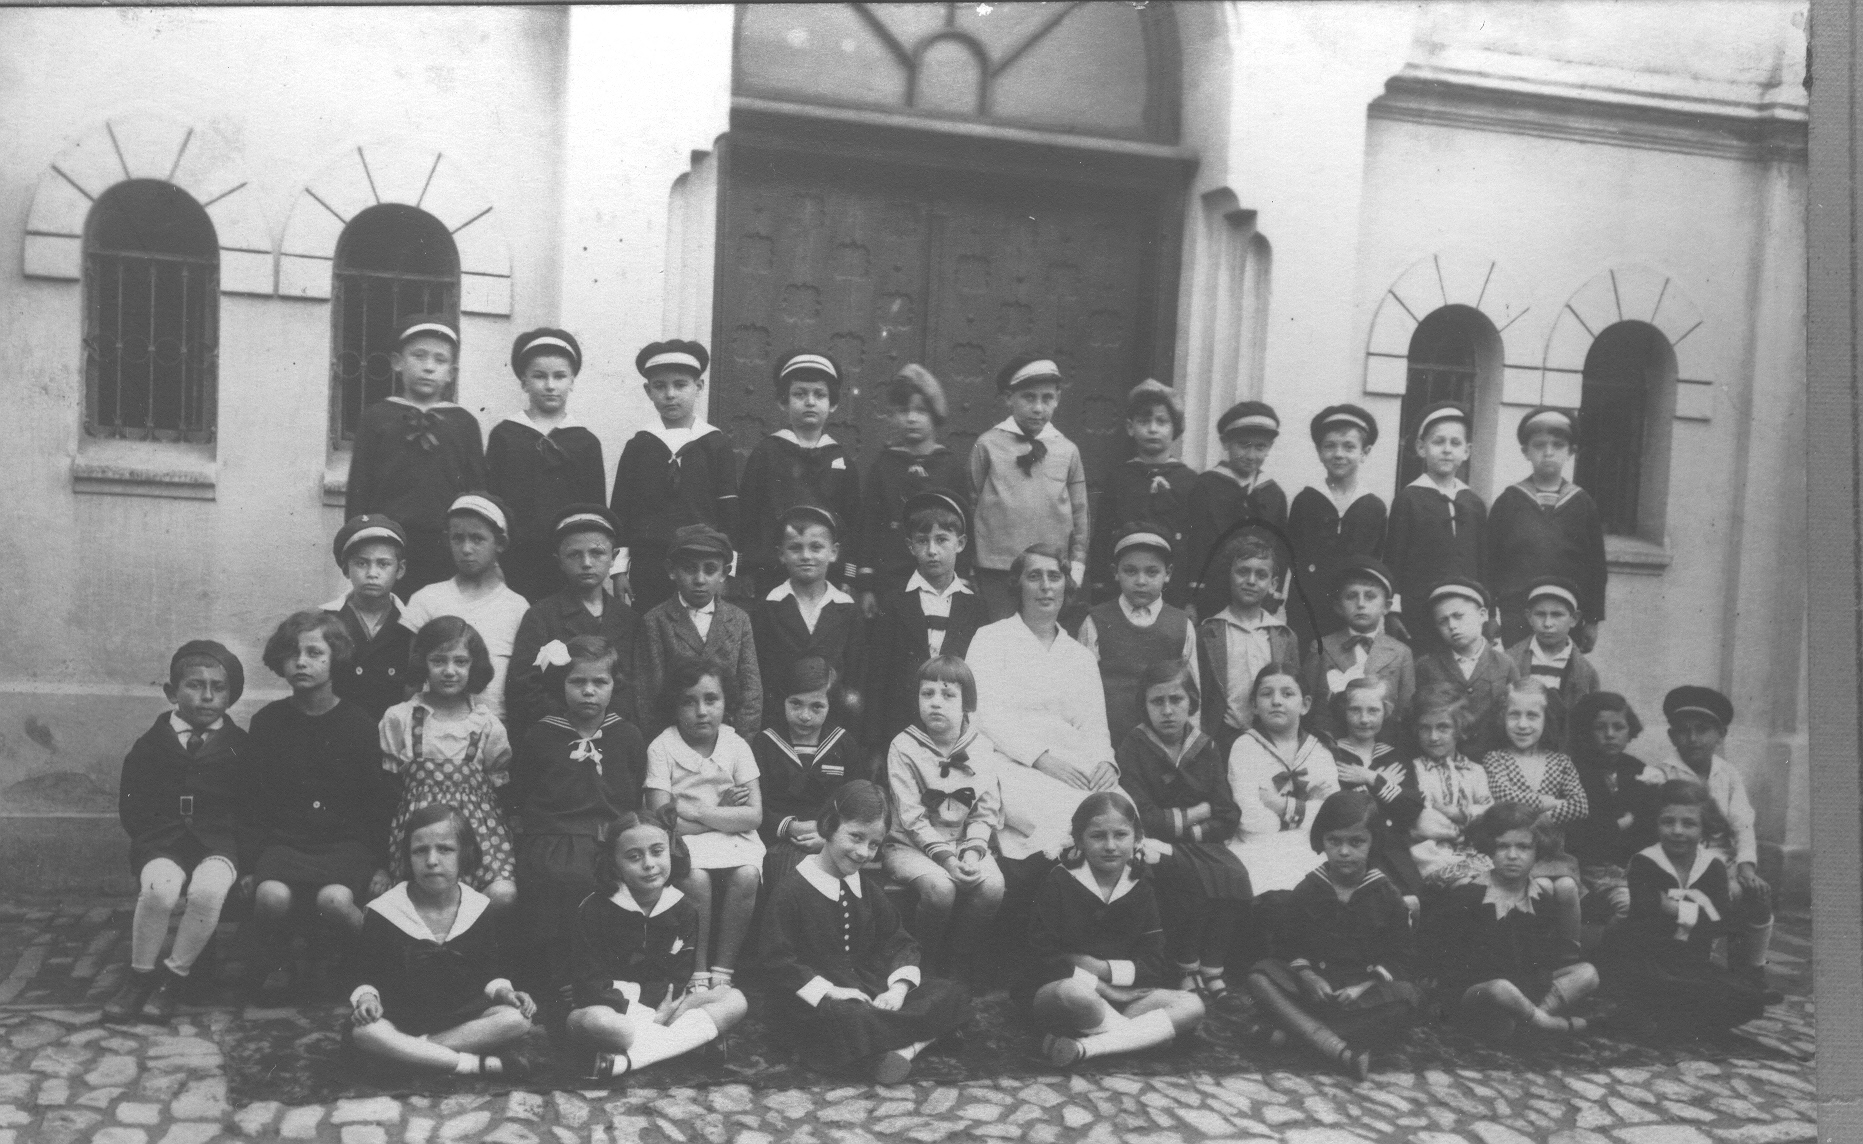 Școala elementară din Iosefin